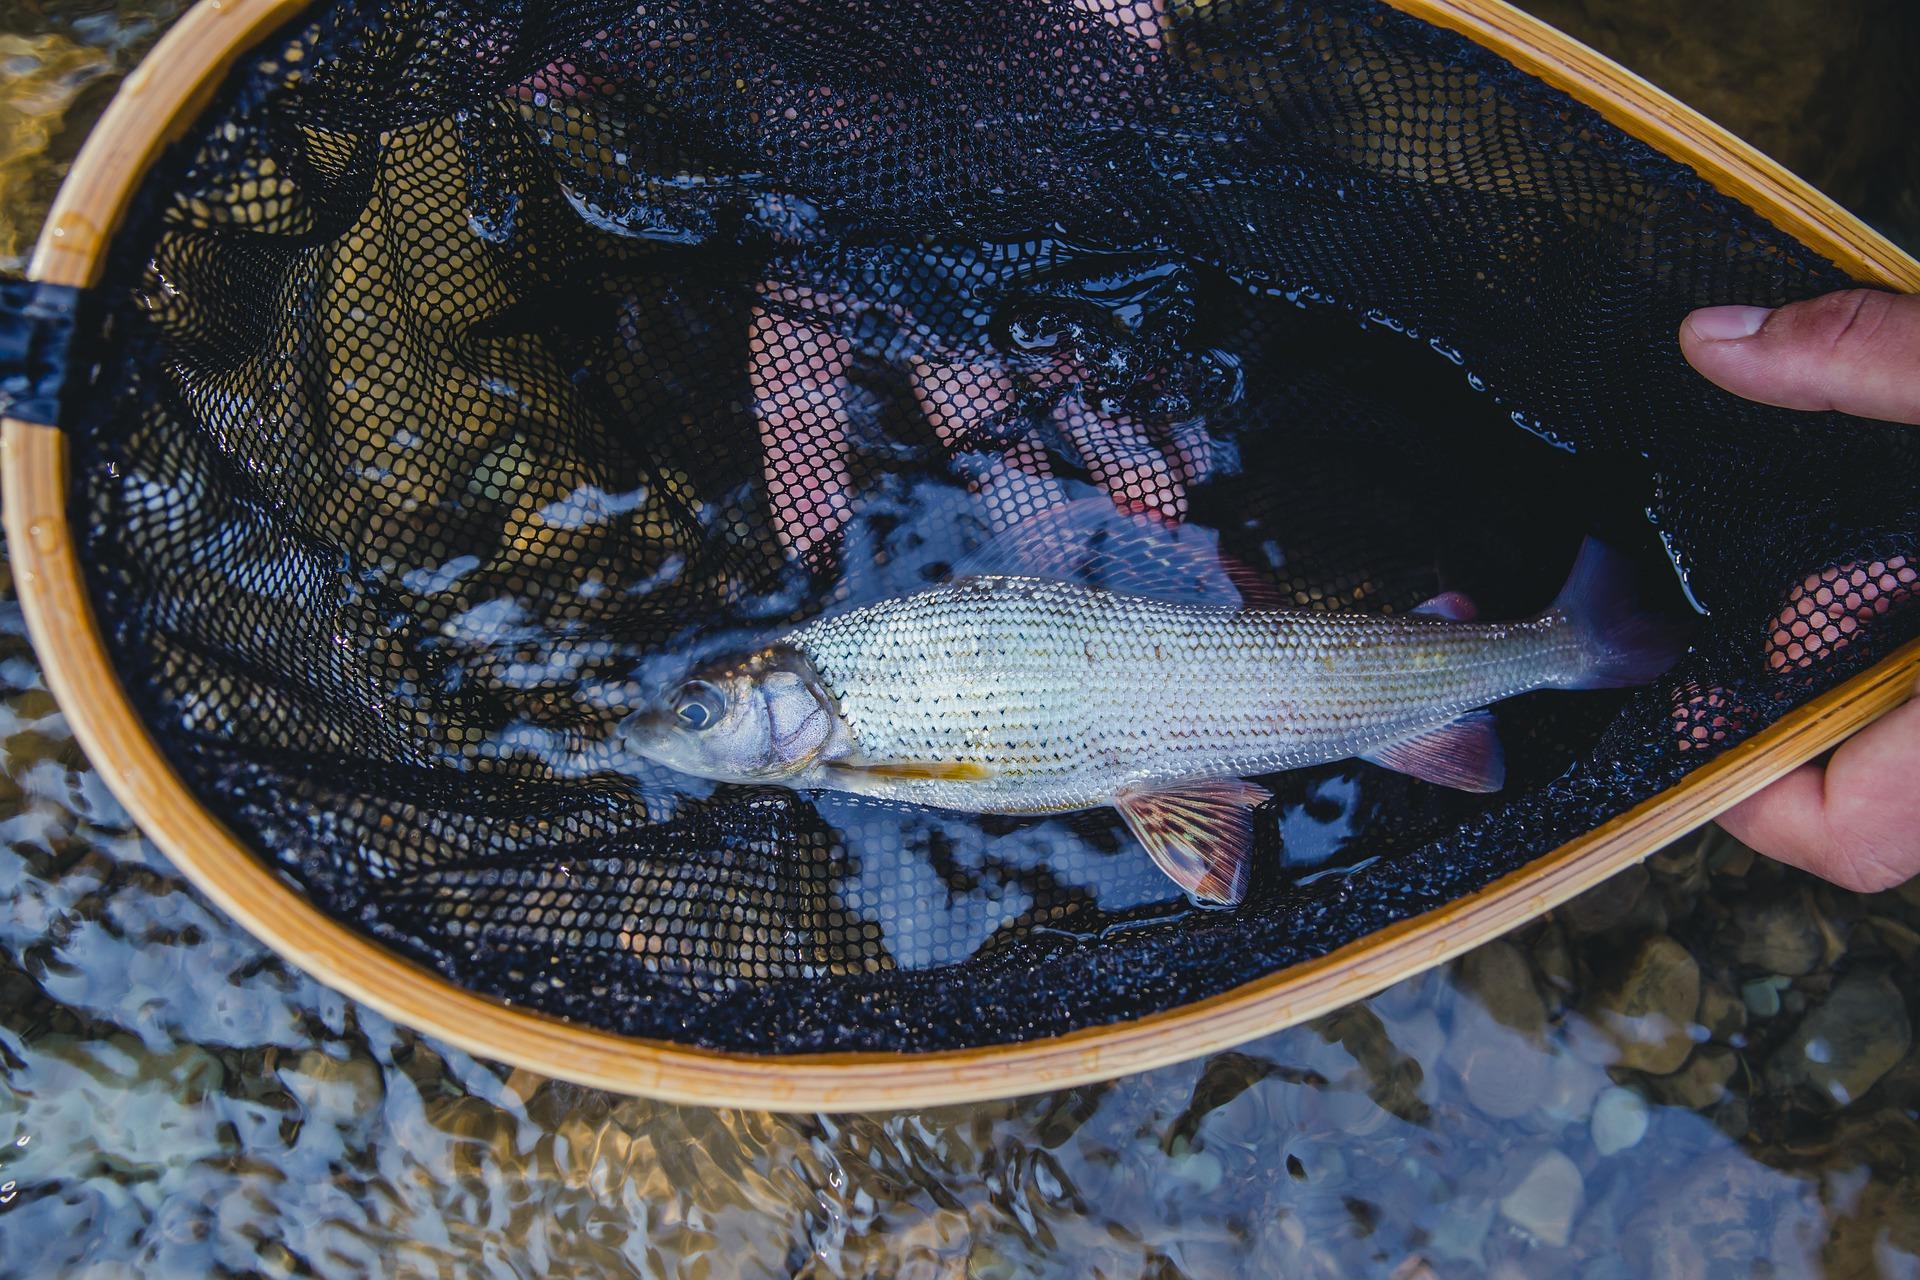 flayfishing-4685964_1920.jpg